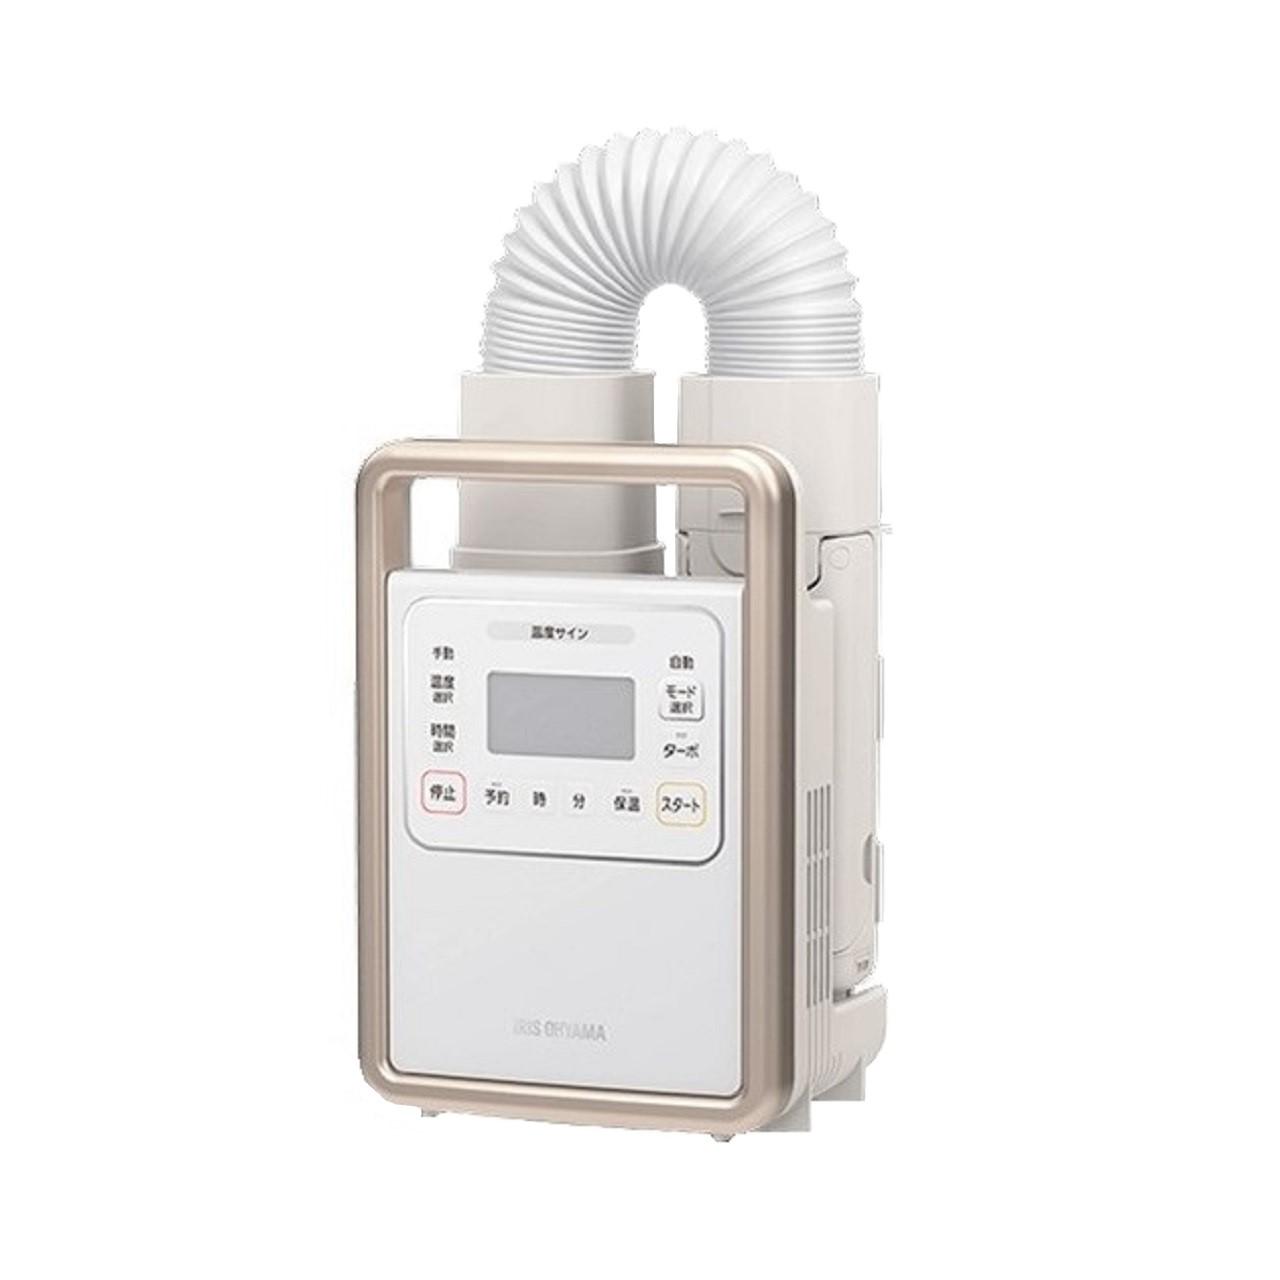 アイリスオーヤマ カラリエ ハイパワーKFK-301ふとん乾燥機